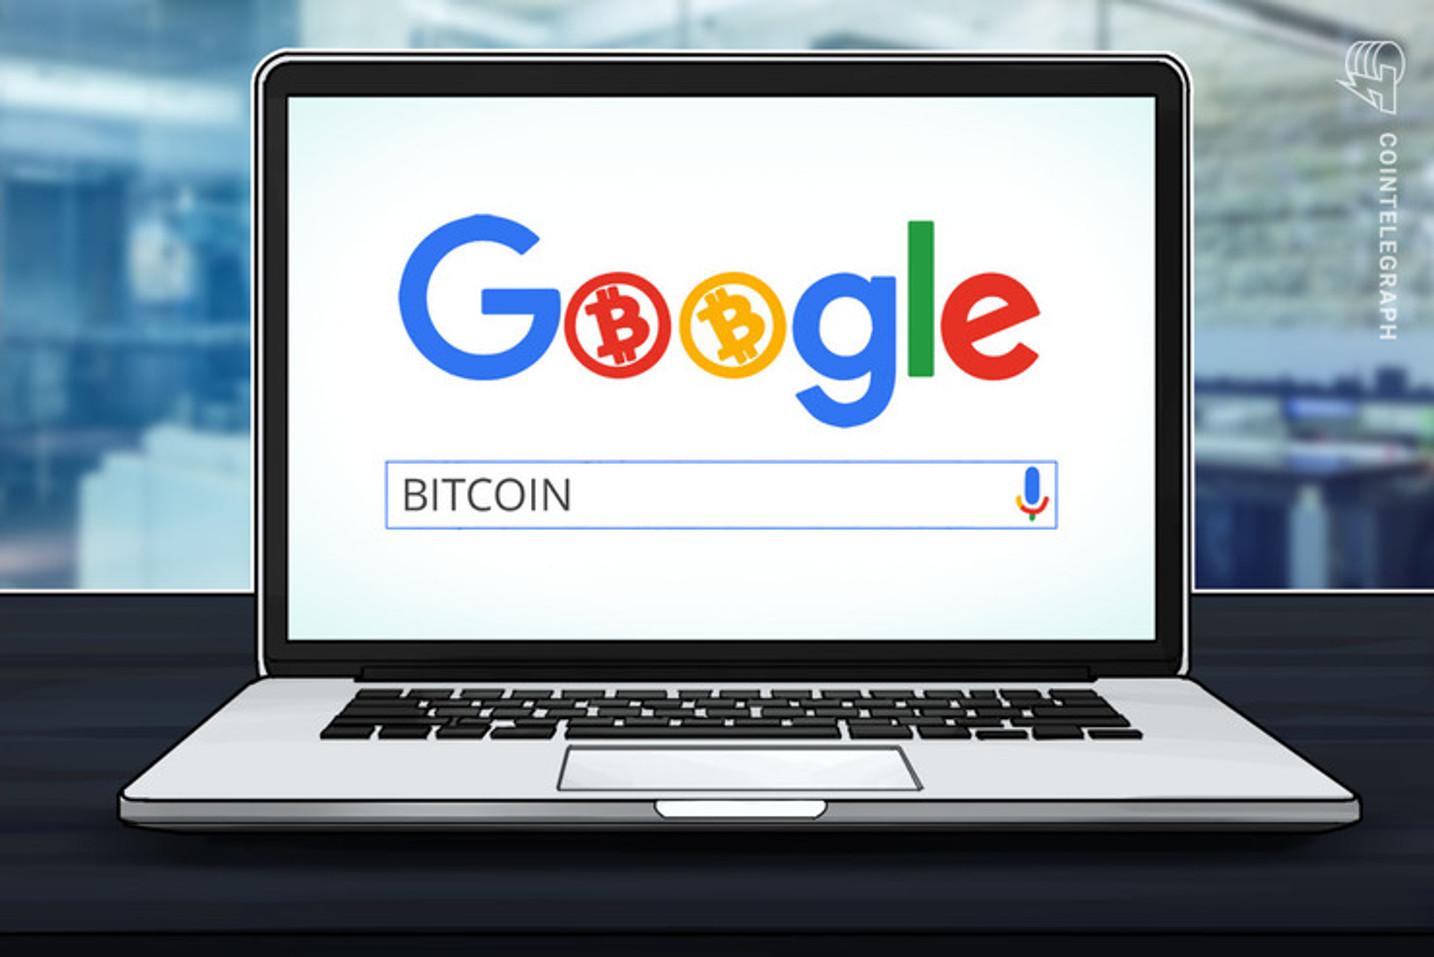 El interés de los académicos por estudiar Bitcoin creció 561% en una década según Google Scholar